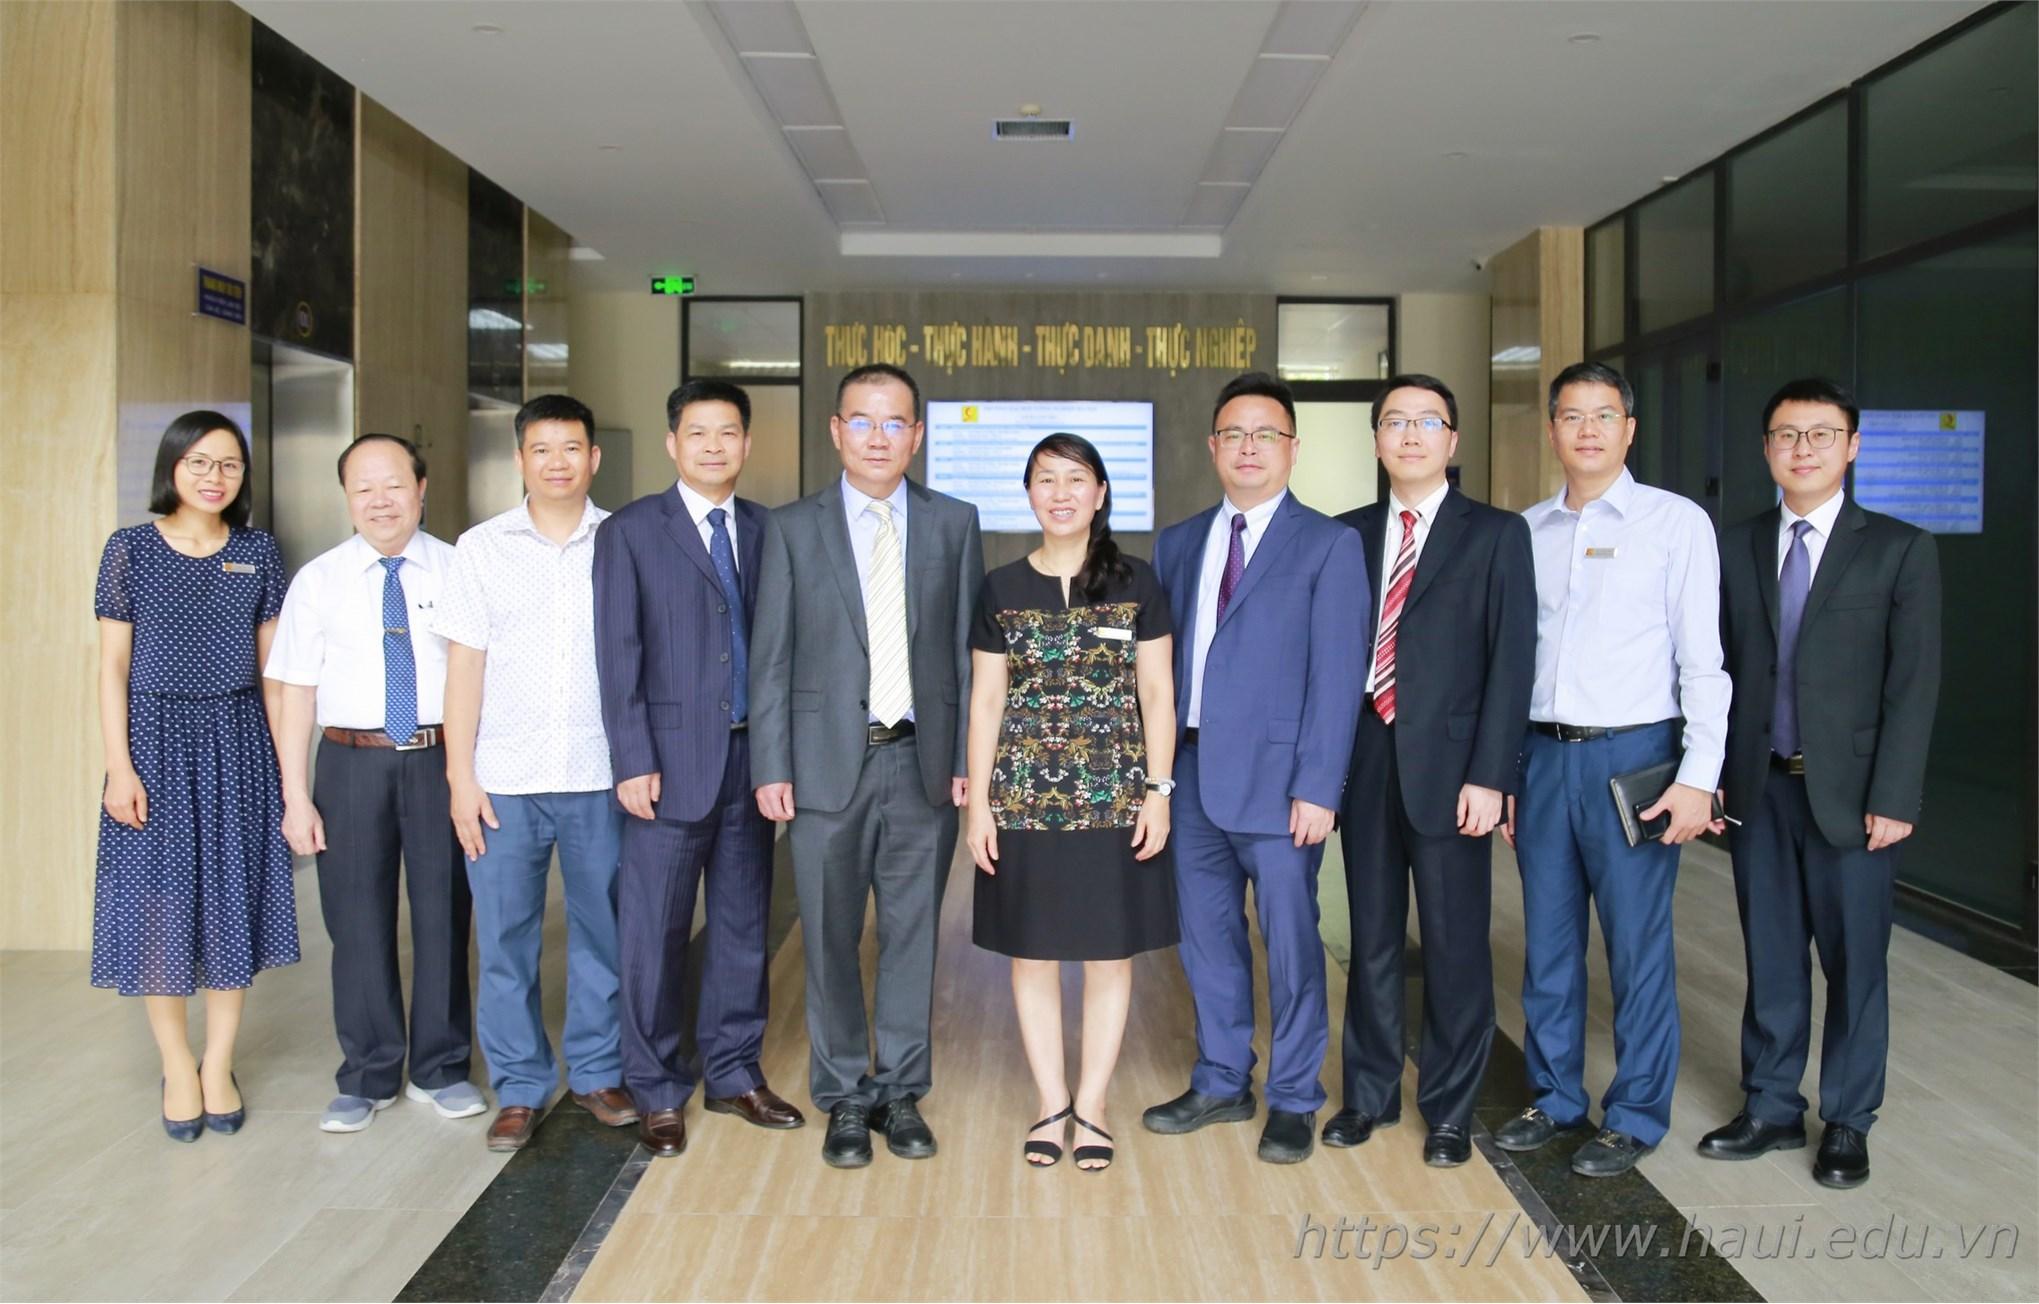 Tiếp đoàn công tác trường Đại học Khoa học và Kỹ thuật Quảng Tây, Trung Quốc